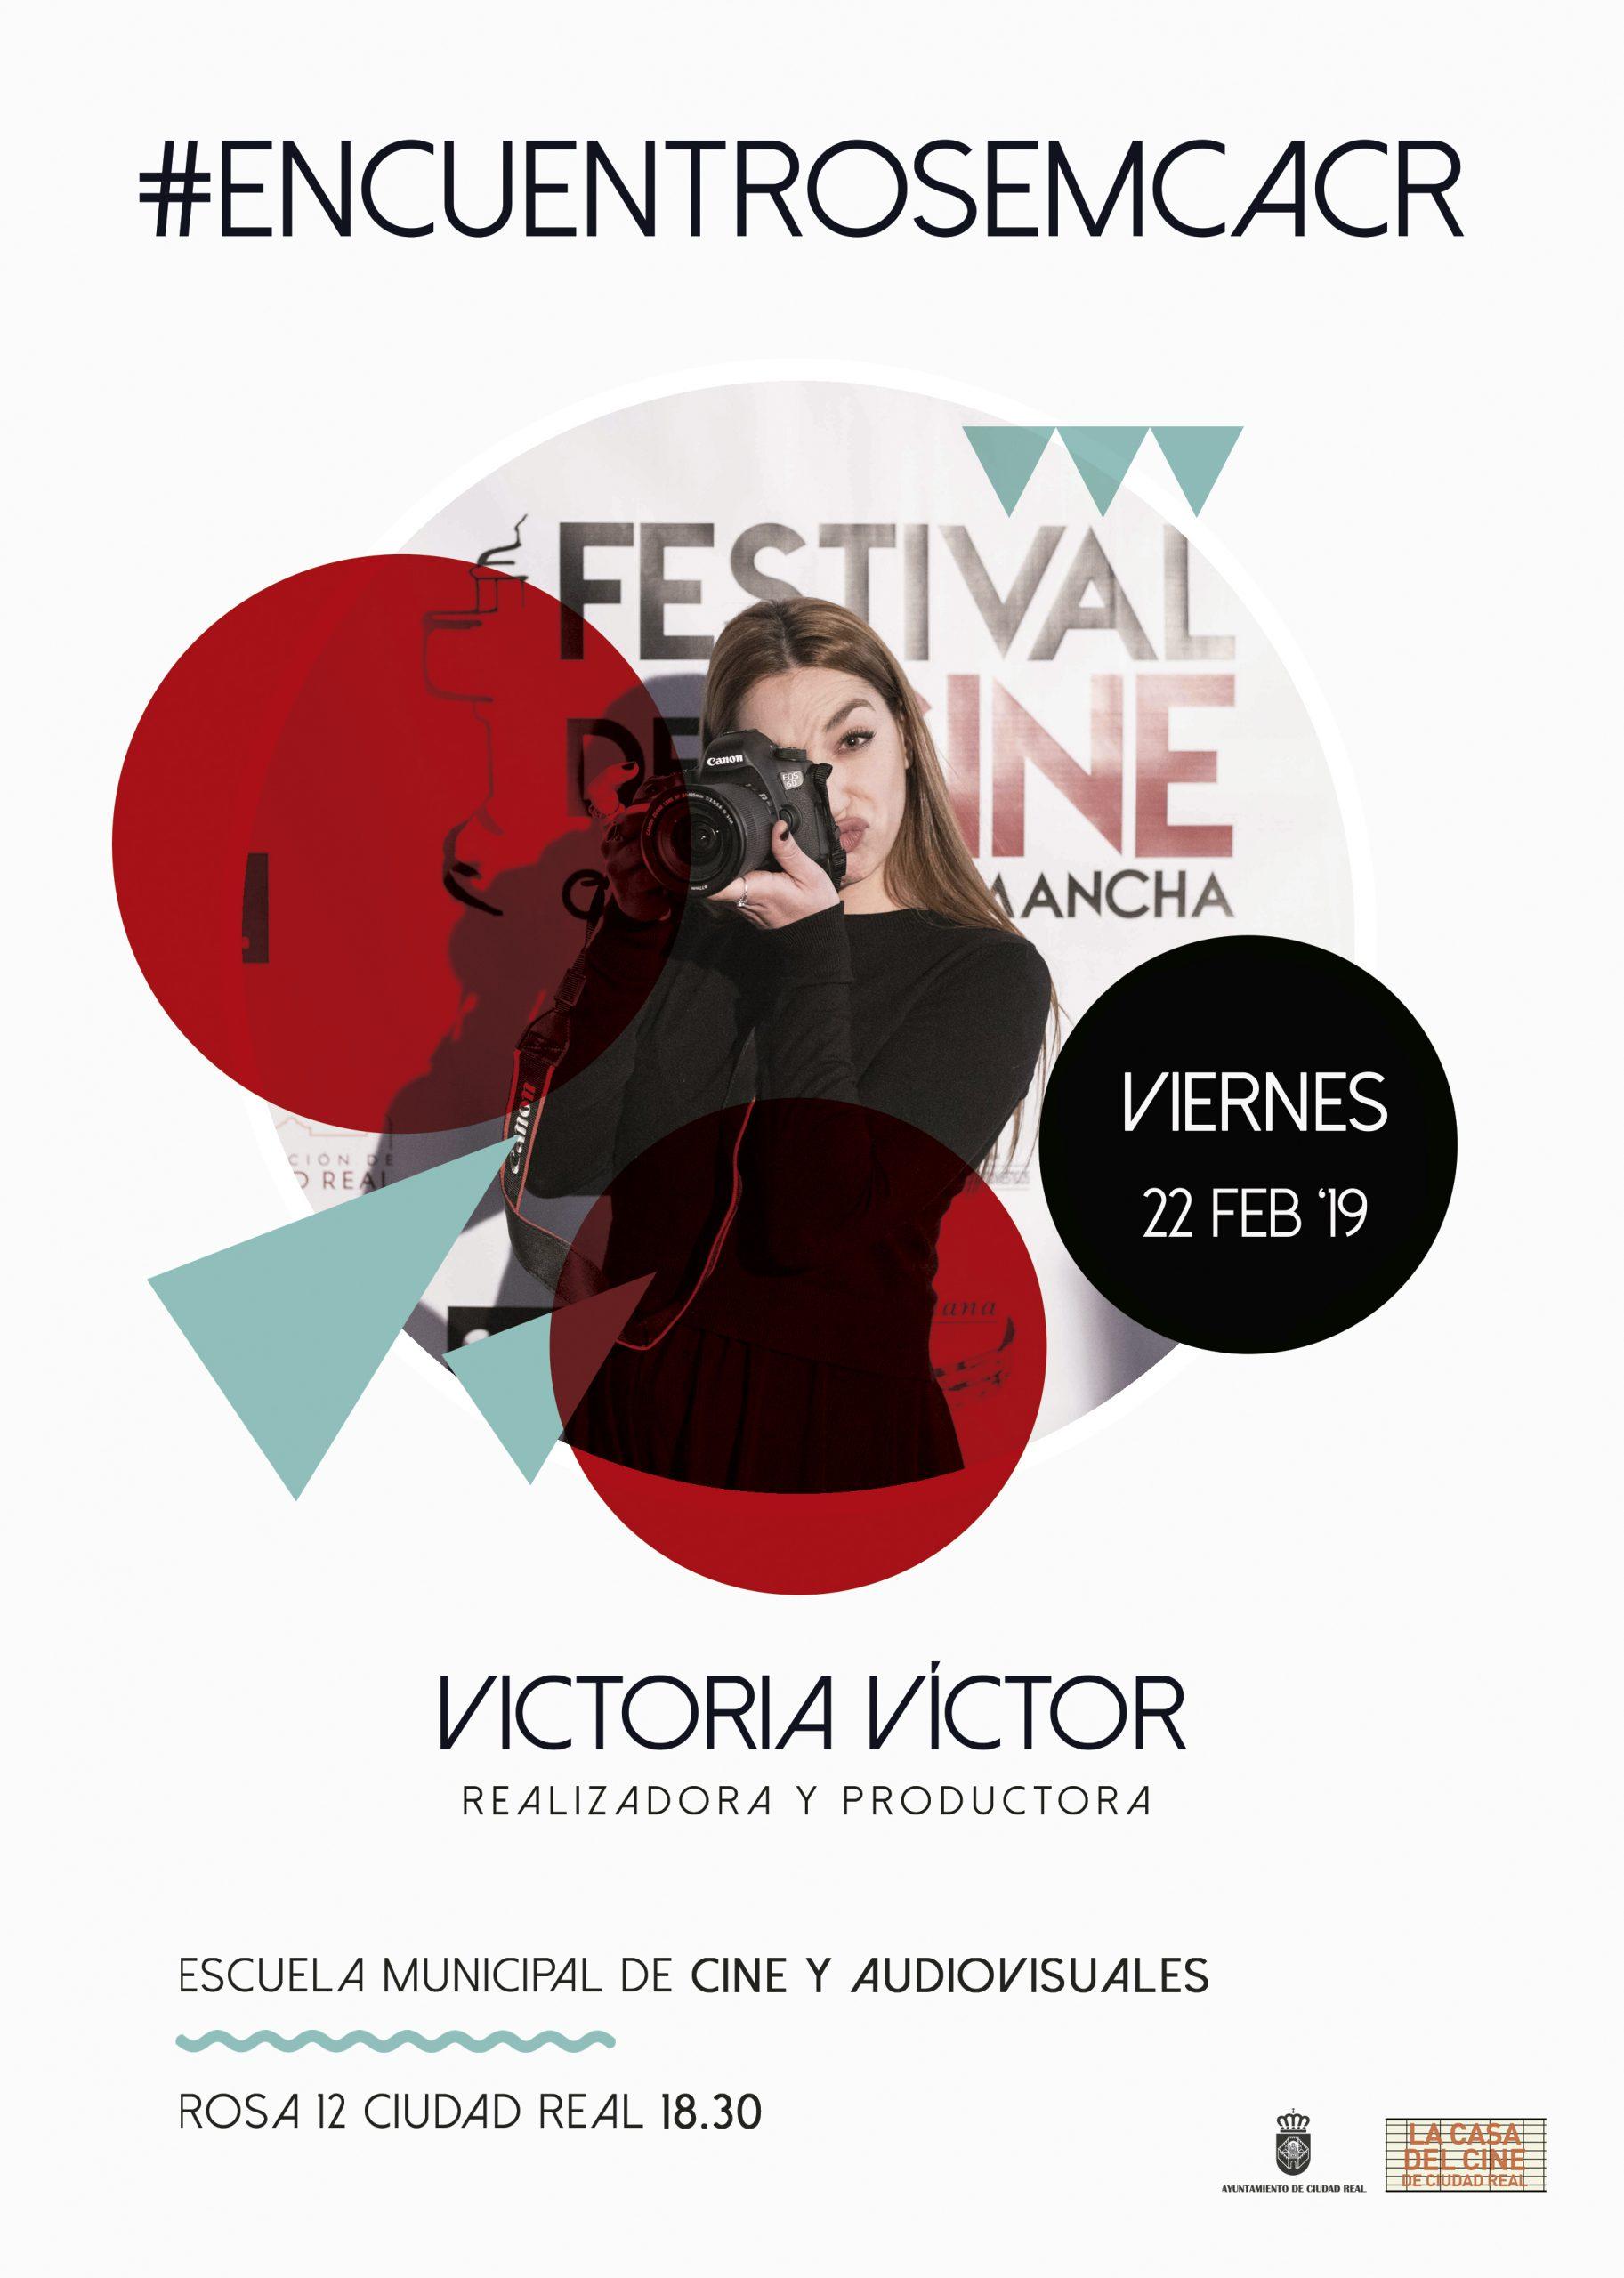 #EncuentrosEMCACR con Victoria Víctor